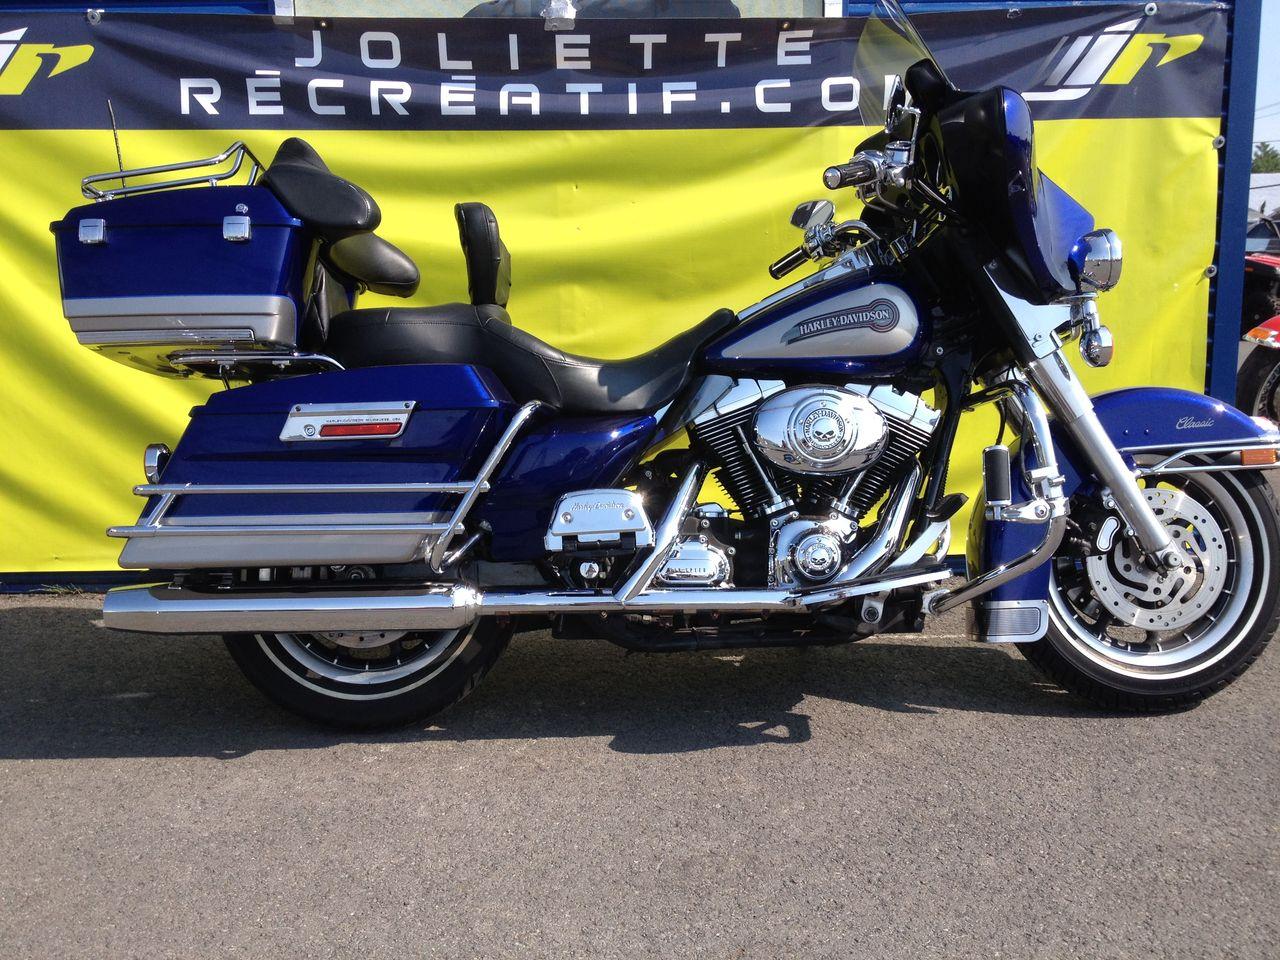 1-2007 FLHTC Bleu et Gris_1280_960 - Copy - Copy